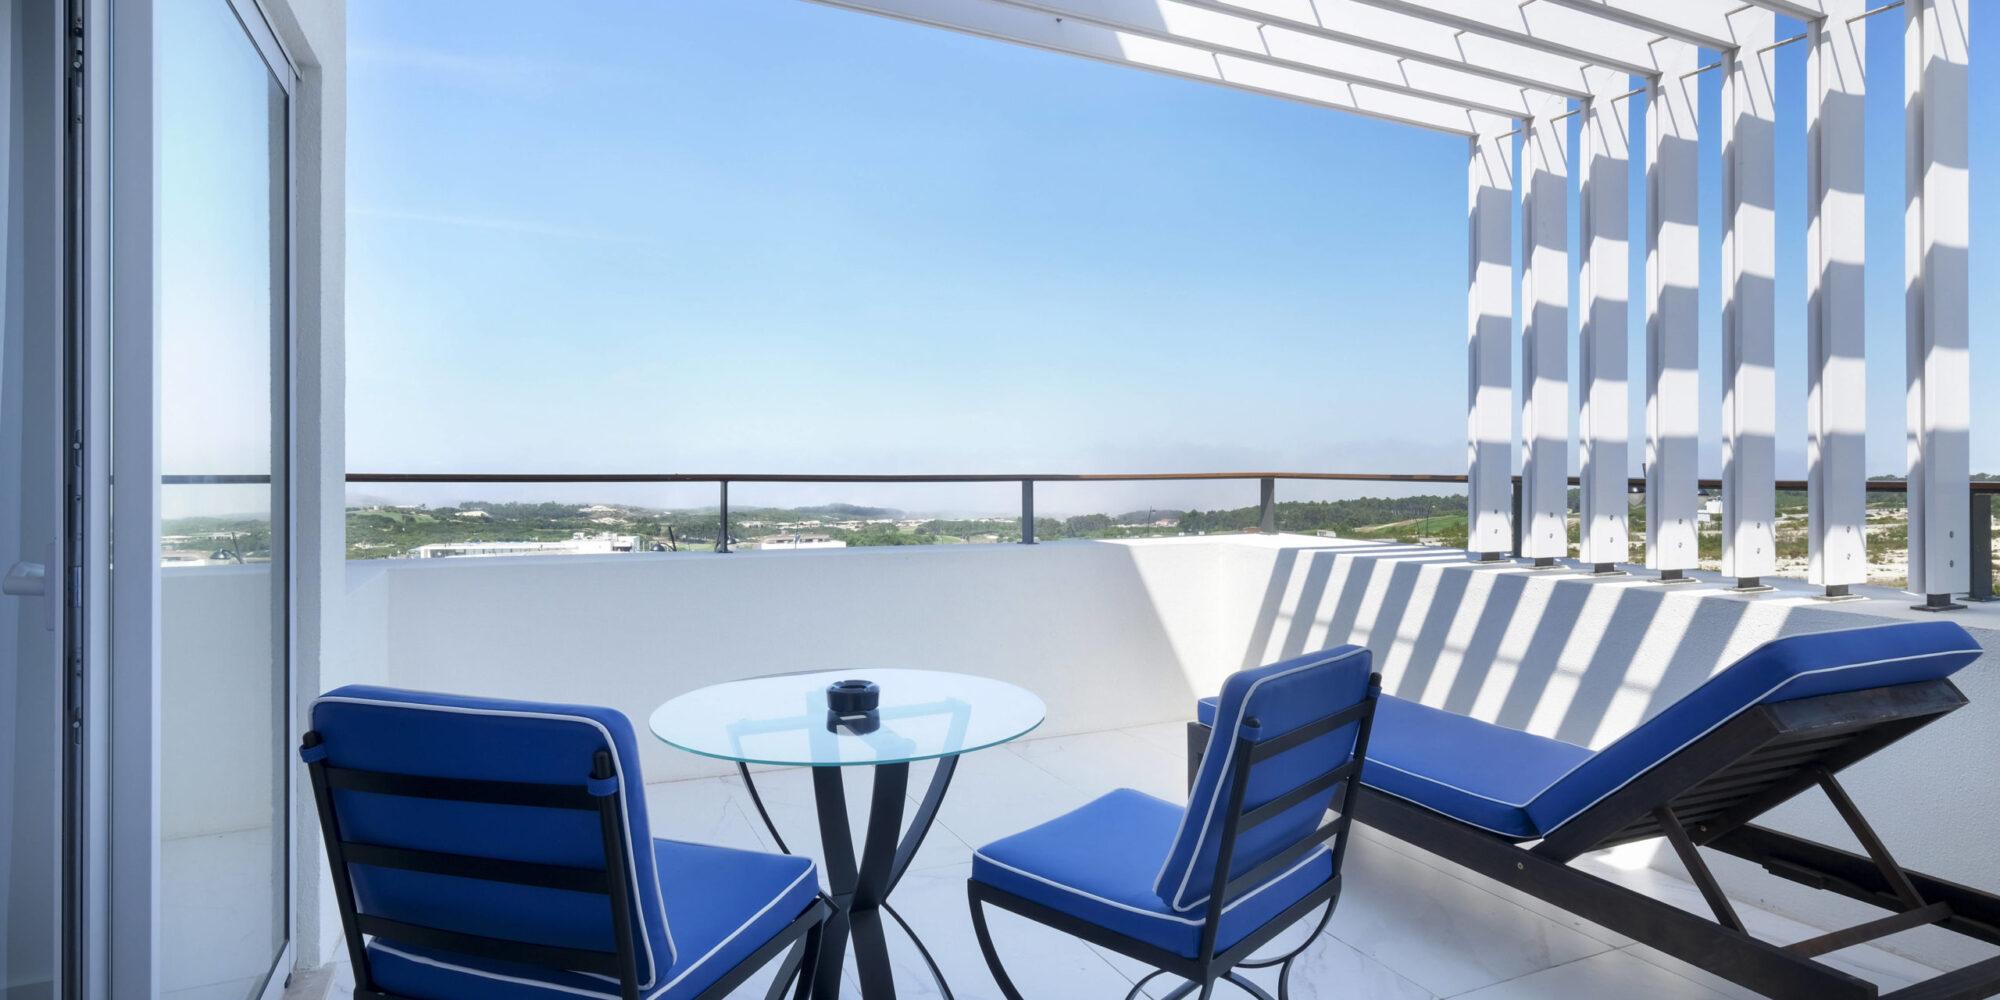 Royal Obidos apartamentos terraza